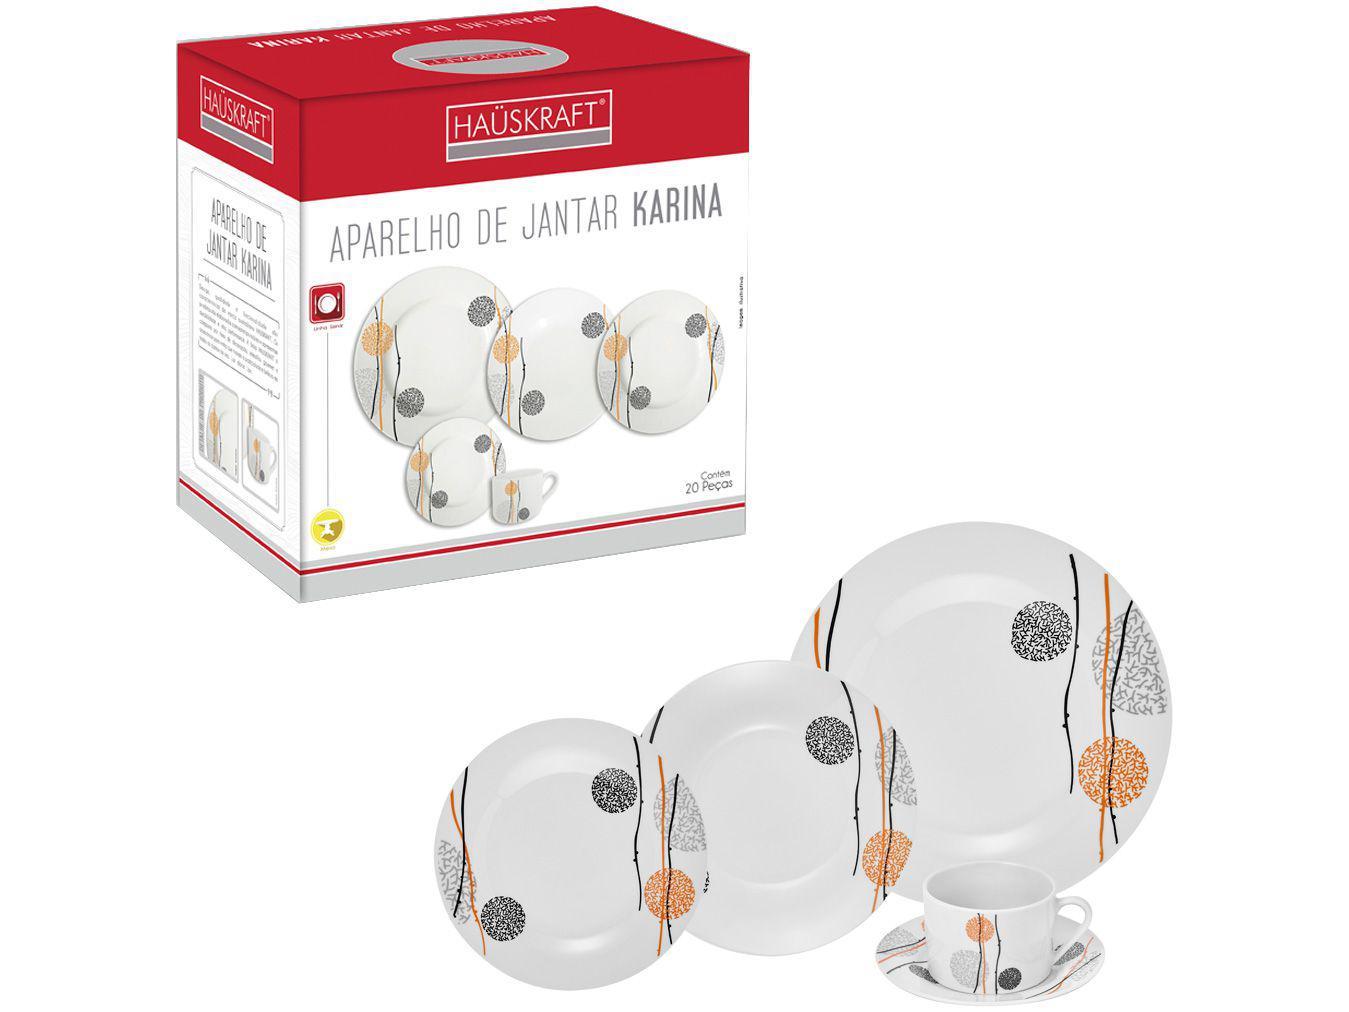 Aparelho de Jantar Chá 20 Peças Hauskraft - Porcelana Karina